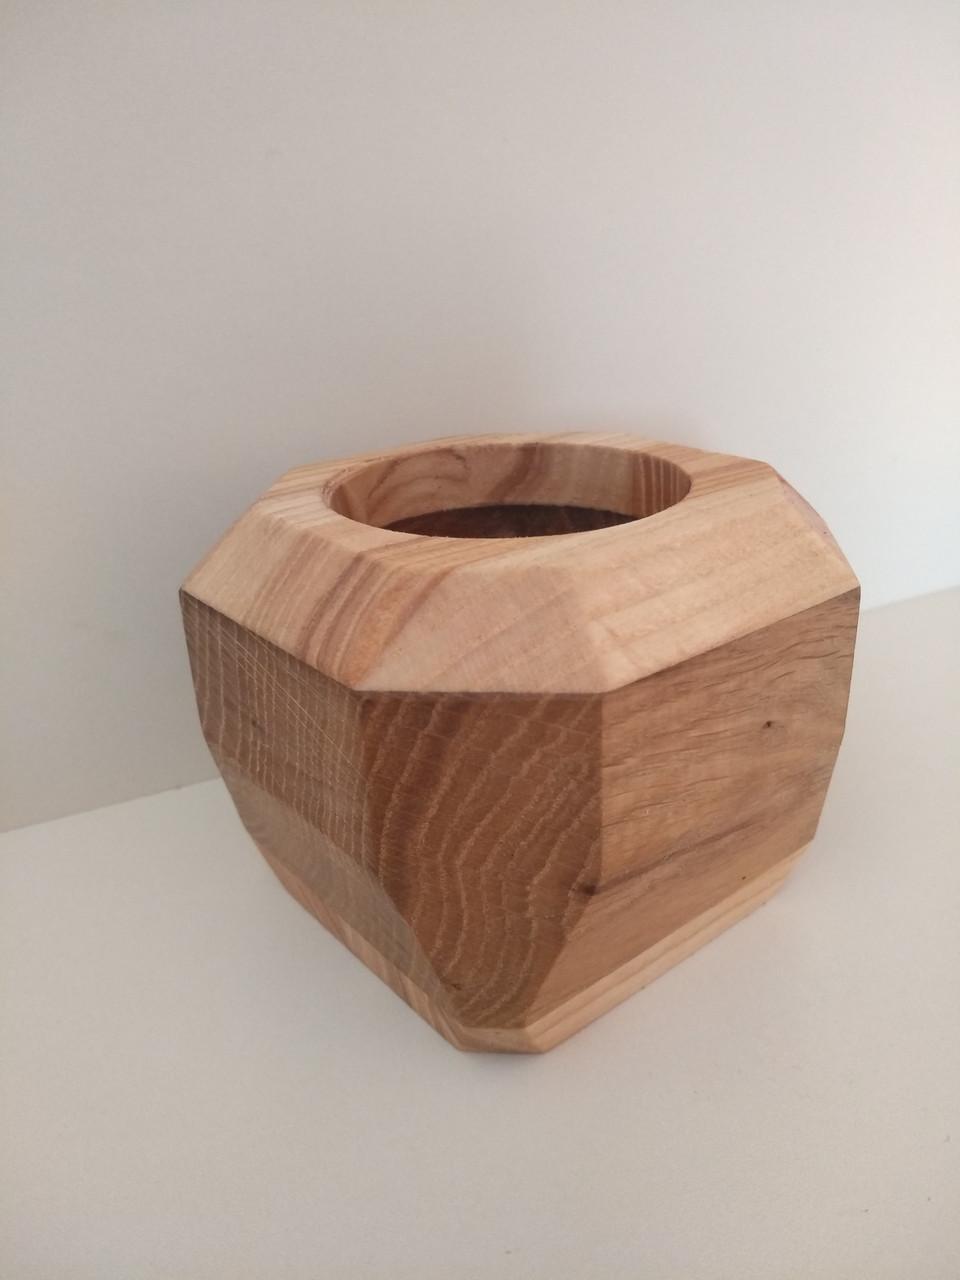 Дерев'яне кашпо геометричної форми